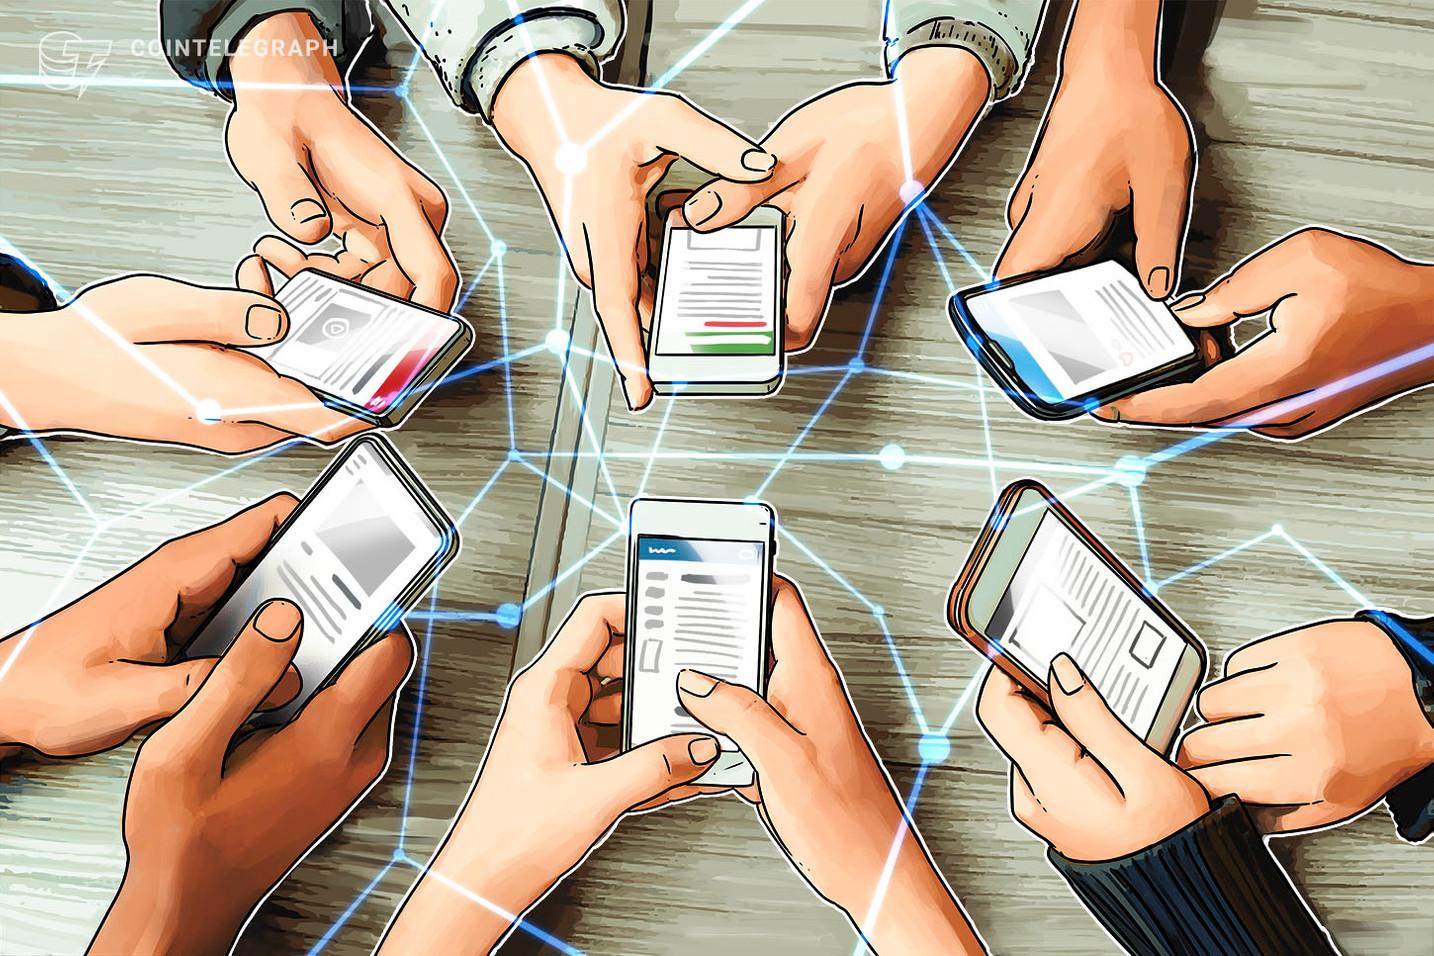 El ente regulador de Estados Unidos, la FCC, plantea usar blockchain en la reorganización de la gestión del espectro inalámbrico